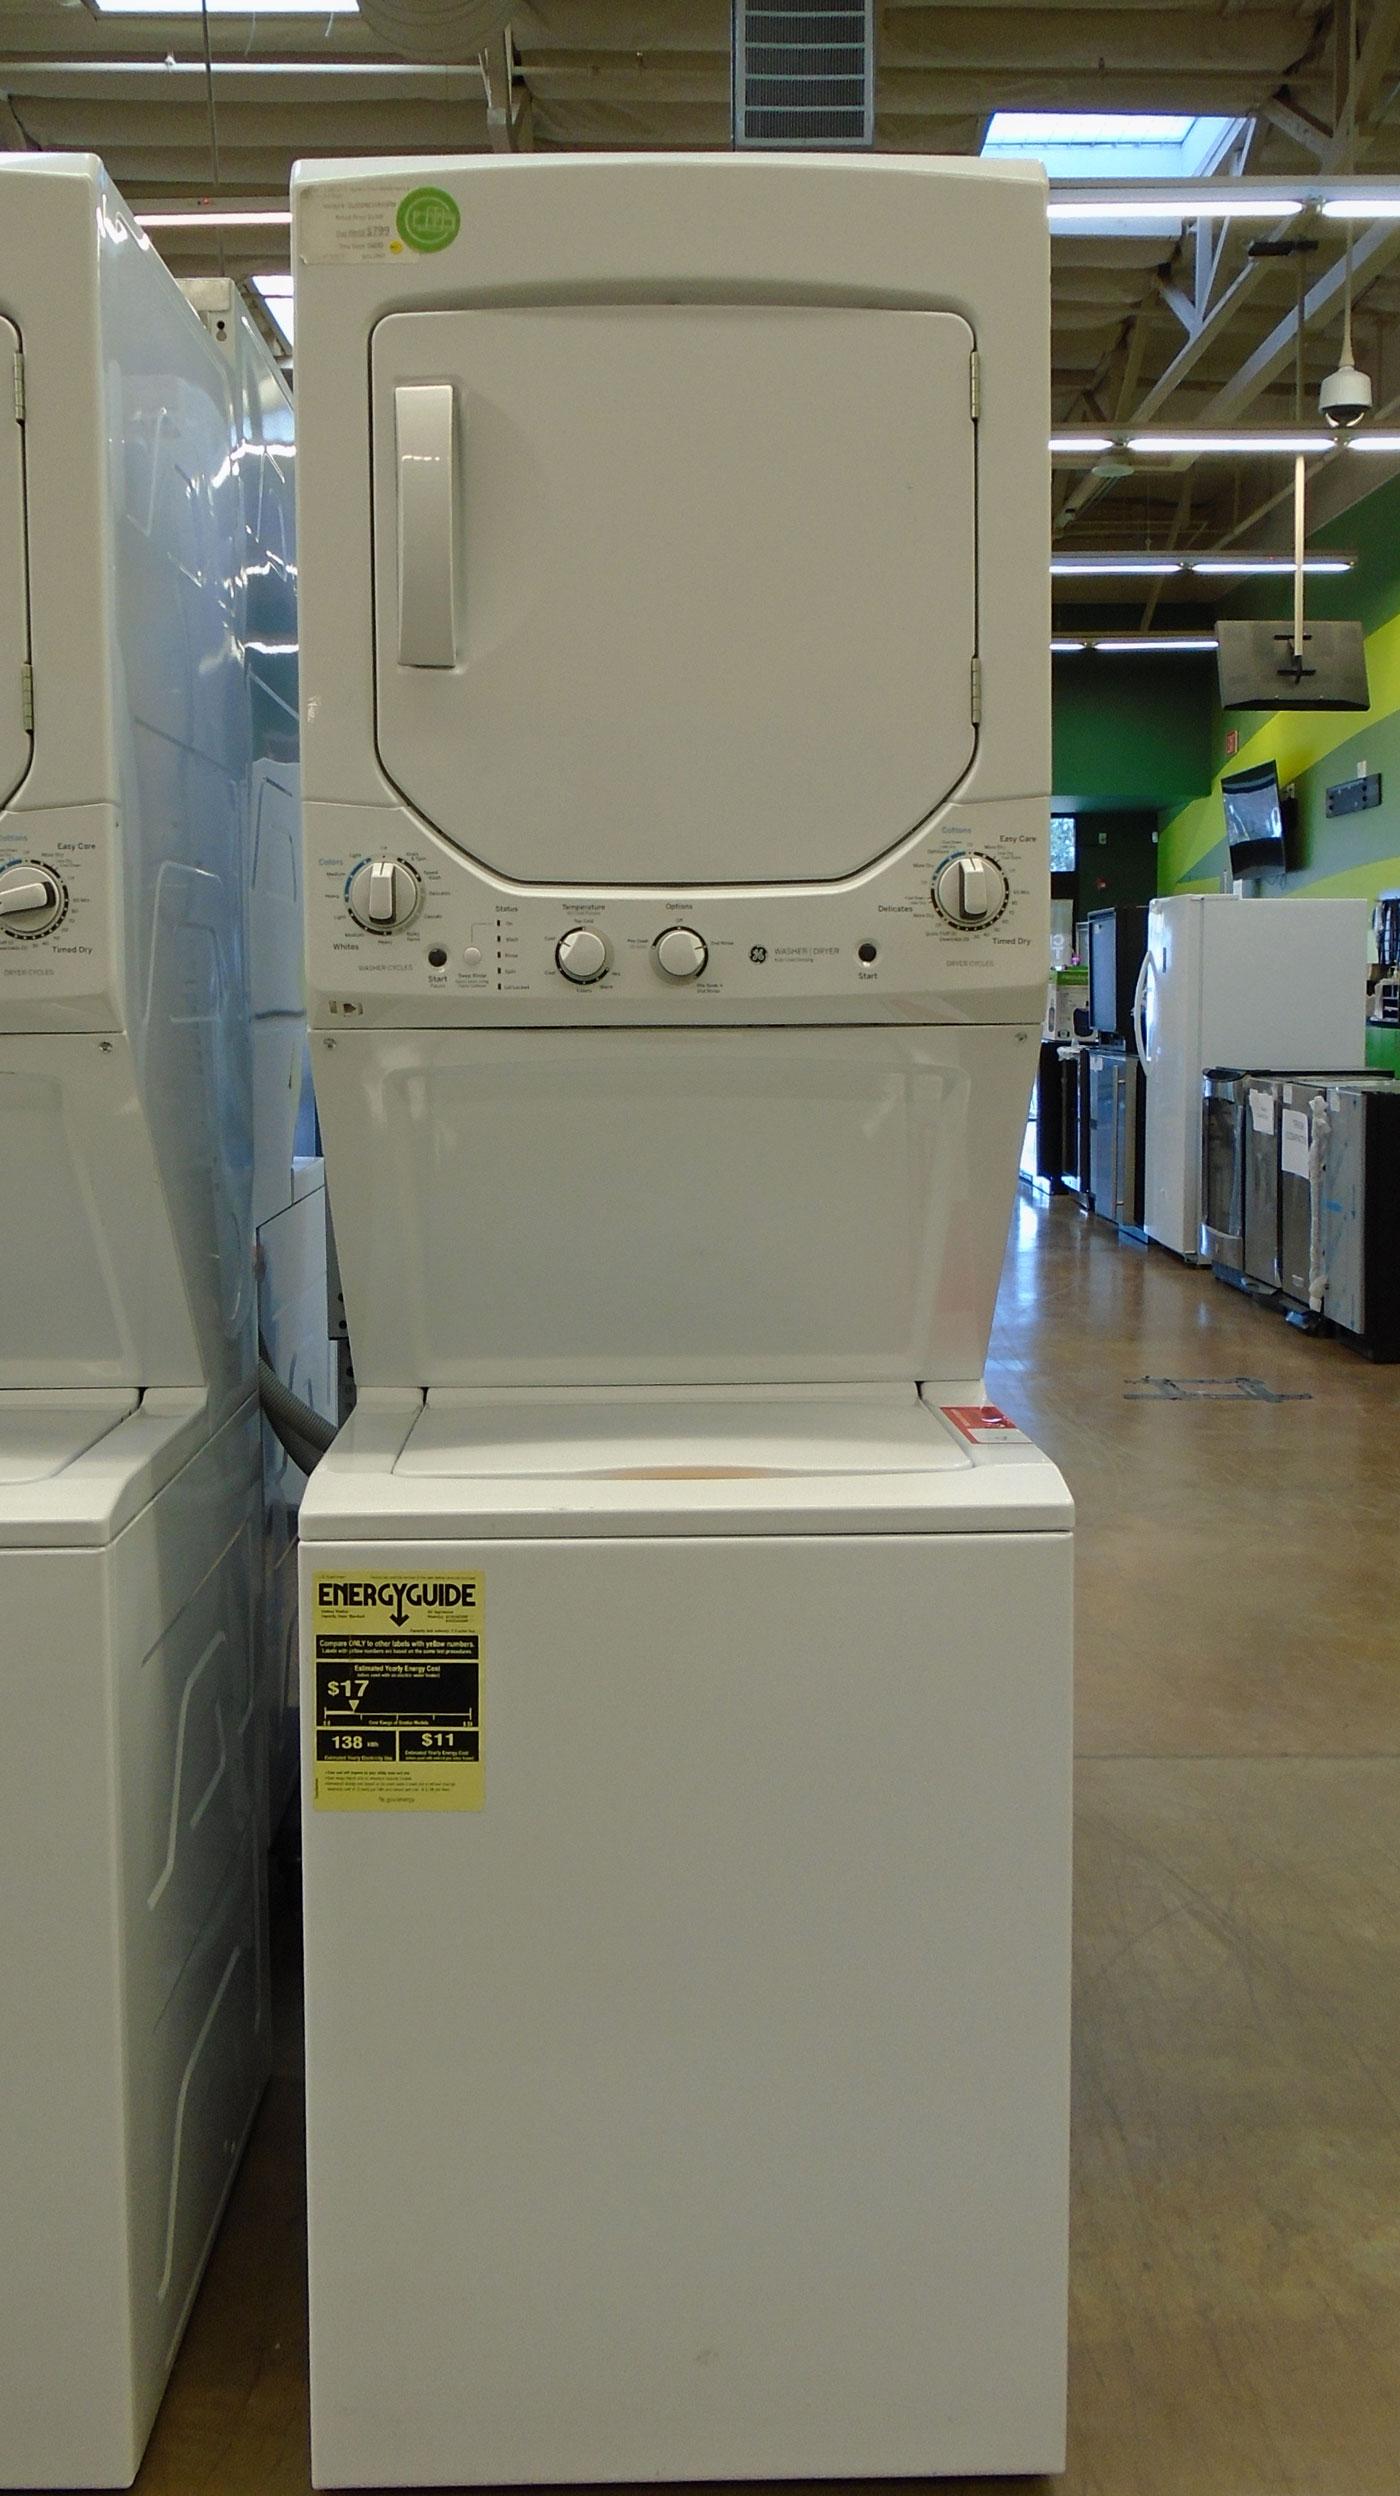 GE Spacemaker GUD24ESSMWW Laundry Center